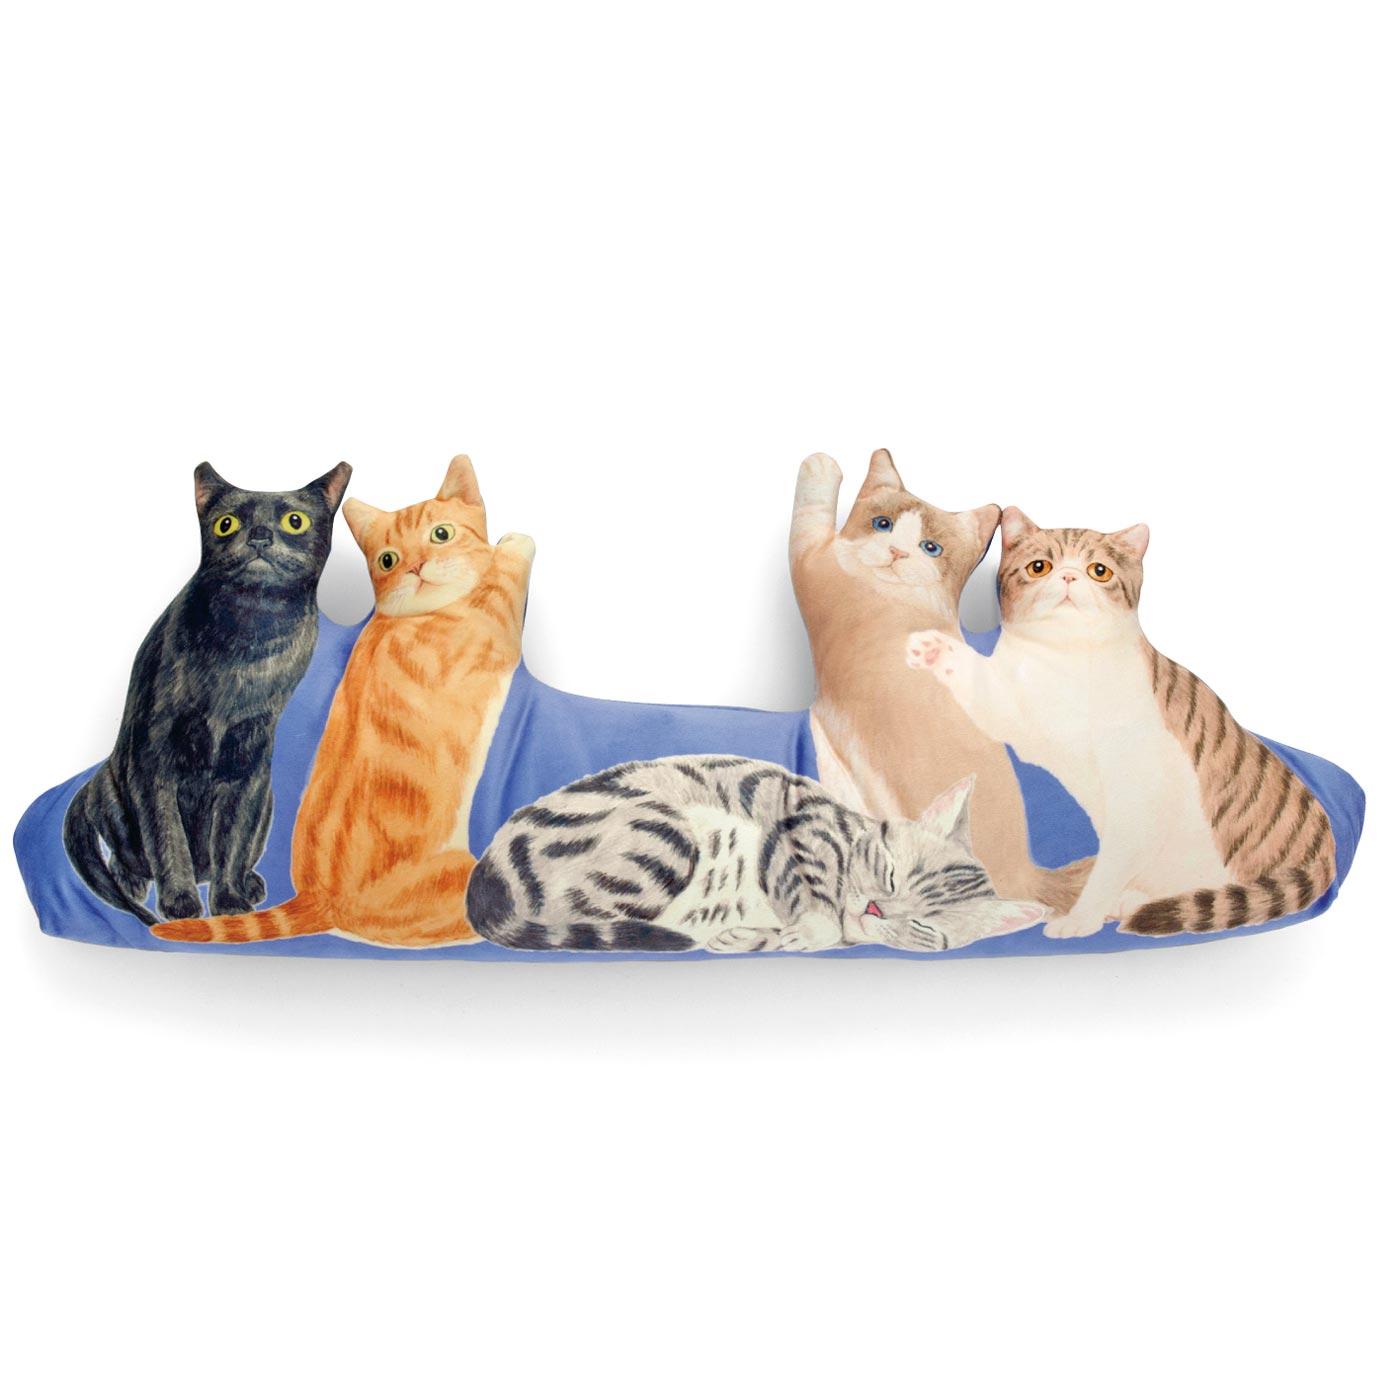 キュートなアメリカ猫(左からボンベイ・マンチカン・アメリカンショートヘア・ラグドール・エキゾティック)